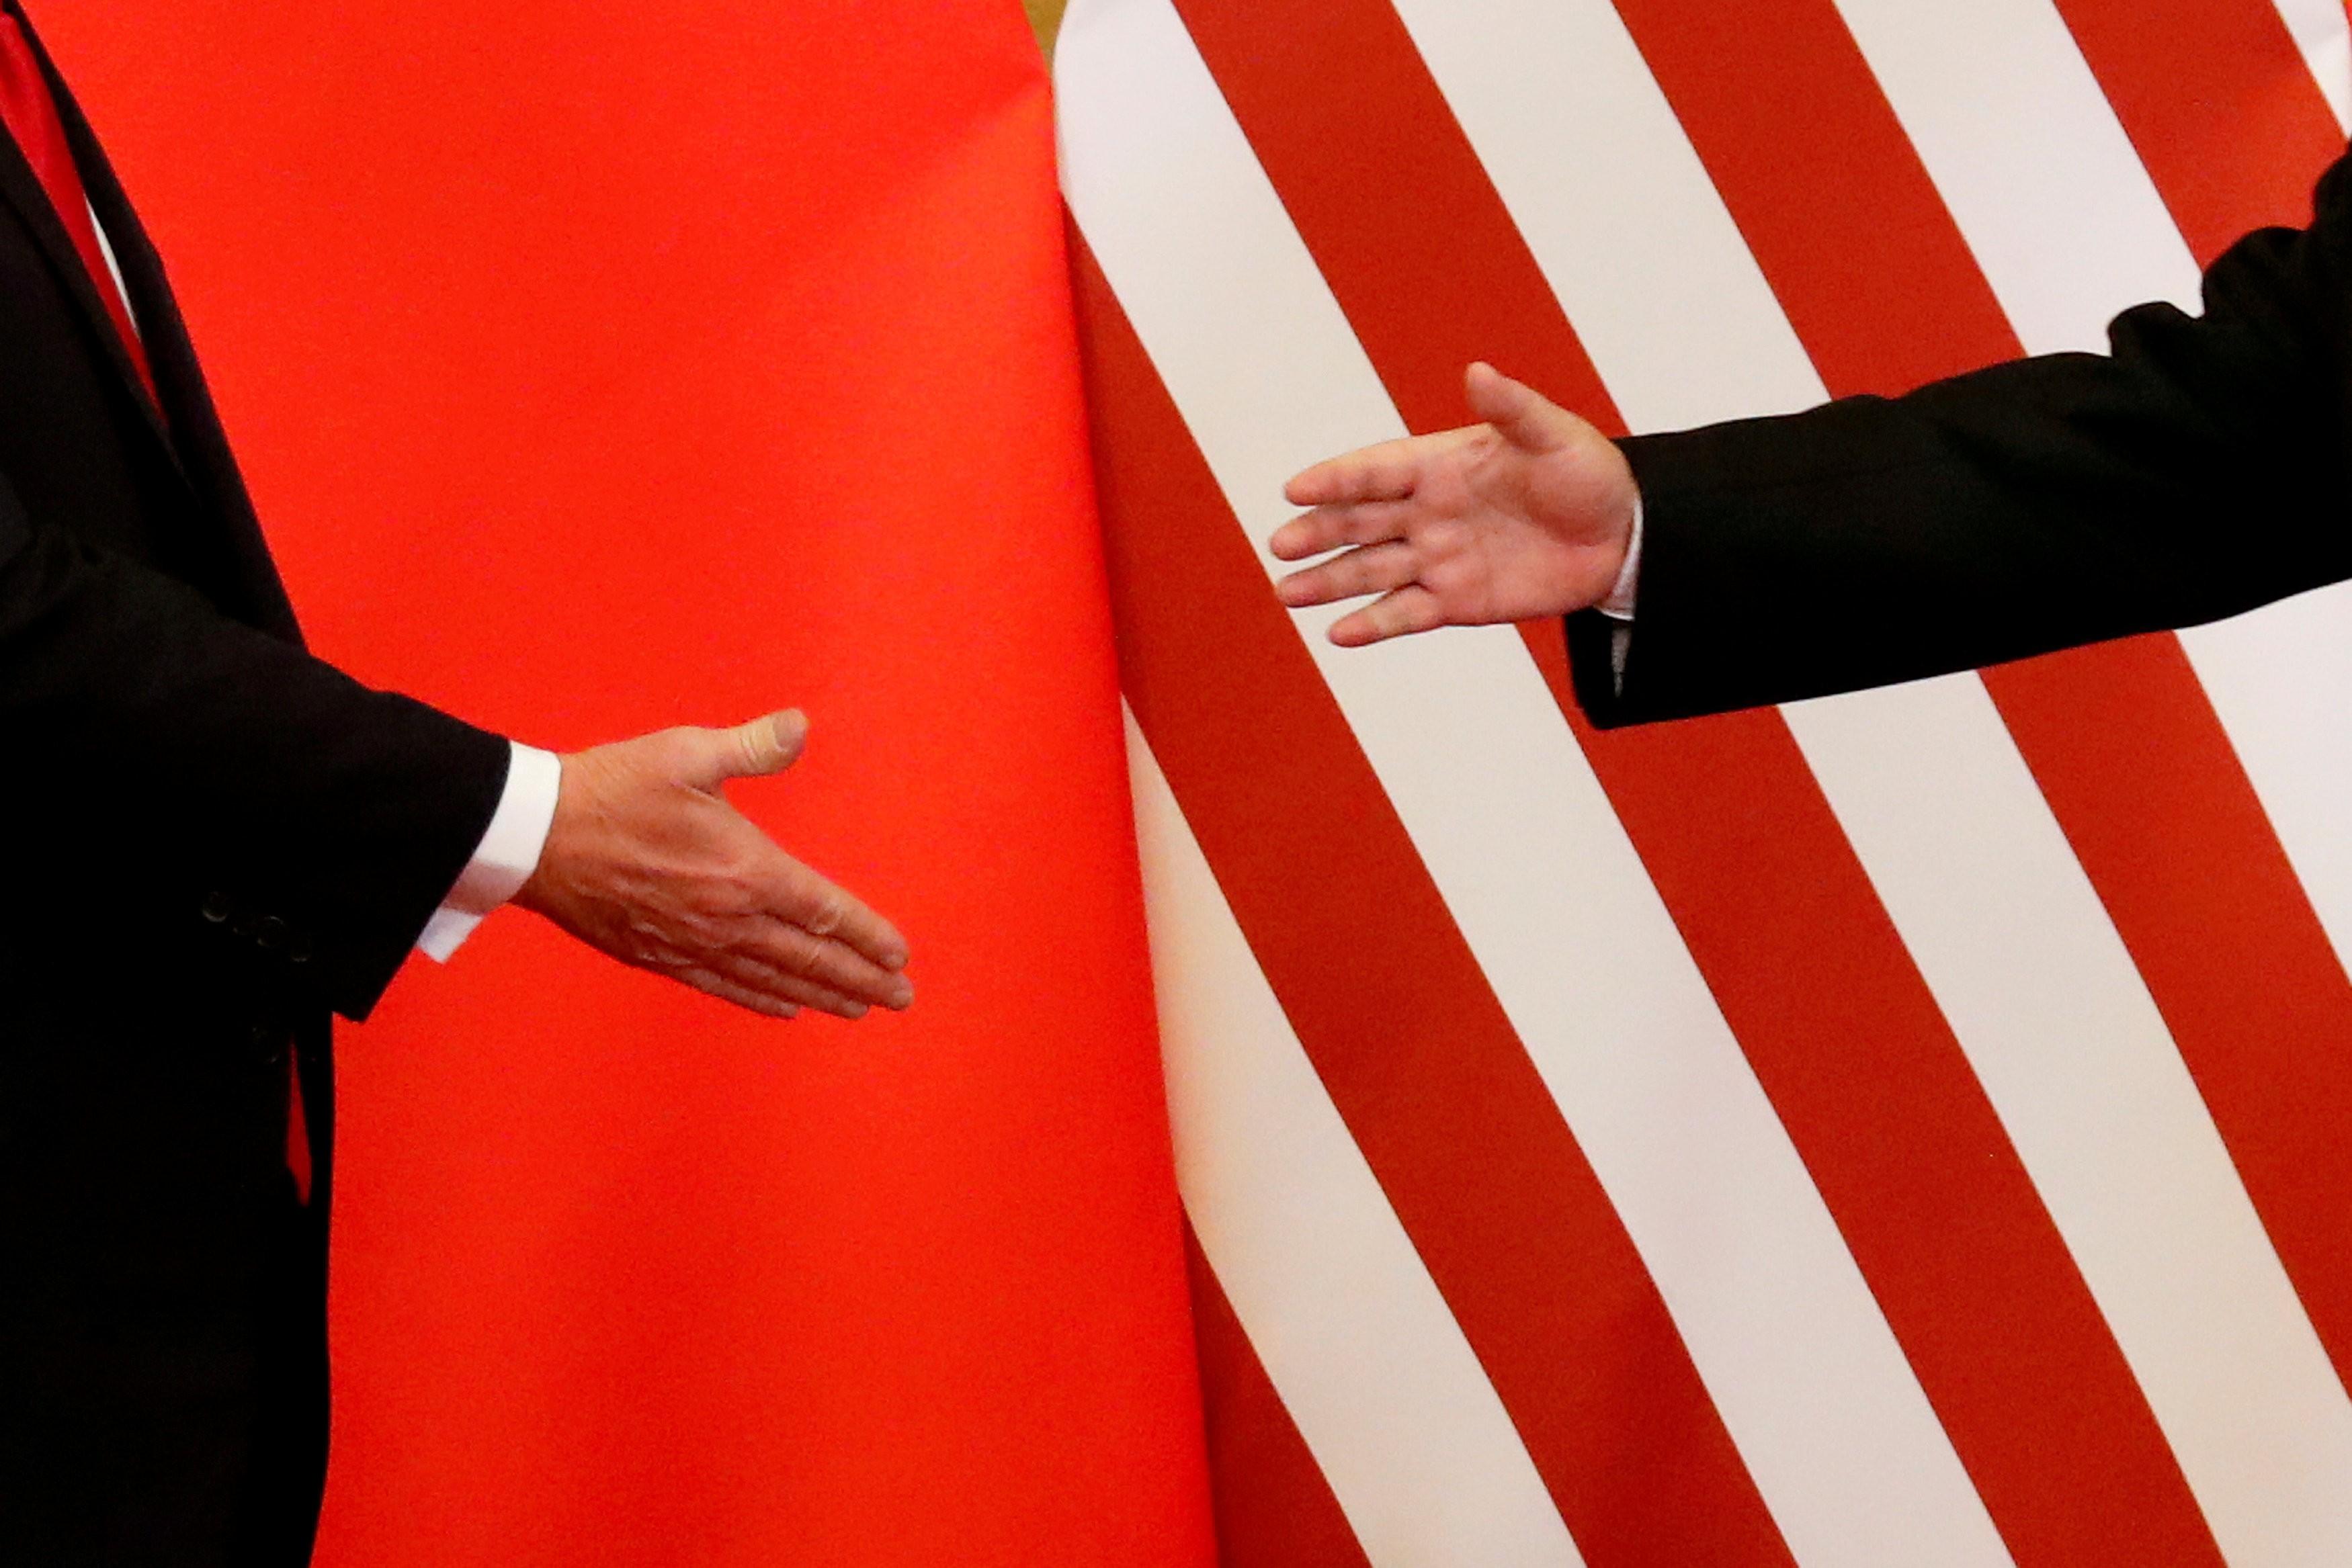 2018 05 18t025113z 1820904574 rc1ce38299b0 rtrmadp 3 usa trade china   urandir   MUNDO   Negociações comerciais entre EUA e China serão retomadas nesta quinta em meio a atritos